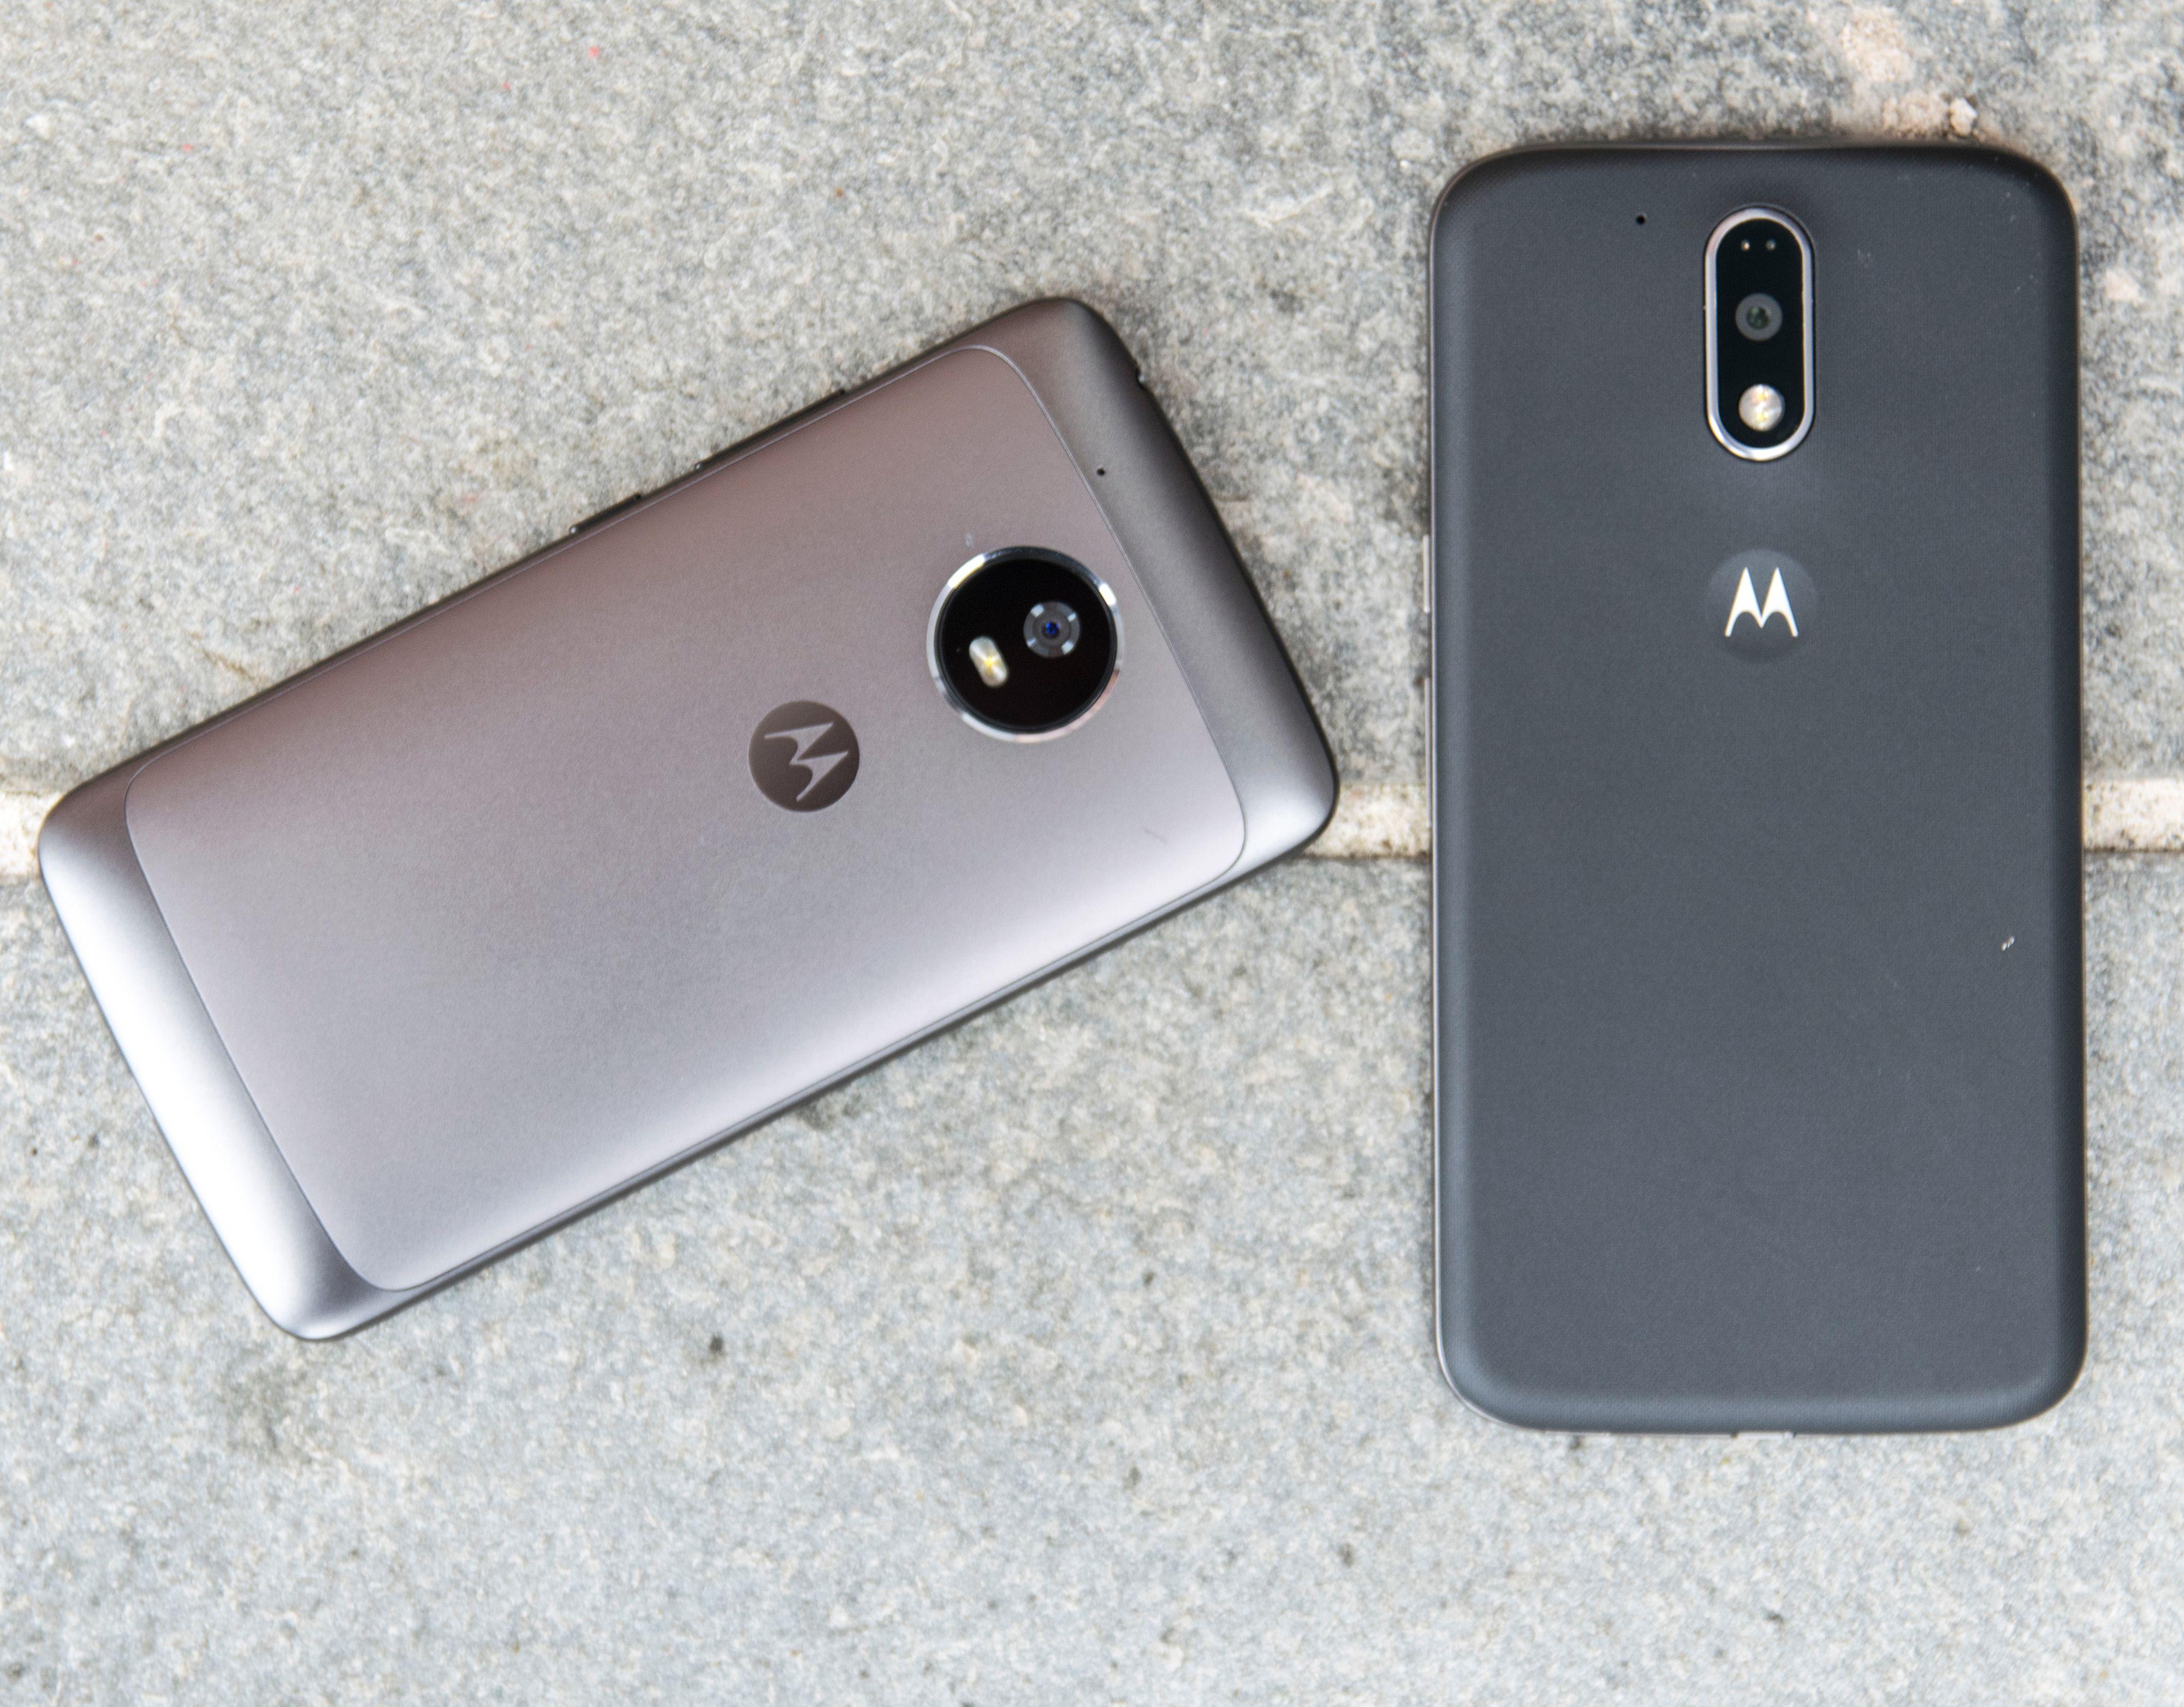 Årets Moto G5 ved siden av fjorårets Moto G4 Plus. Vi kan si det så enkelt som at årets G5-serie har en design, mens fjorårets G4 var pregløse rektangeltelefoner. De var ekstremt gode sådanne, men former og fiksfakserier utover det strengt nødvendige hadde de ikke.